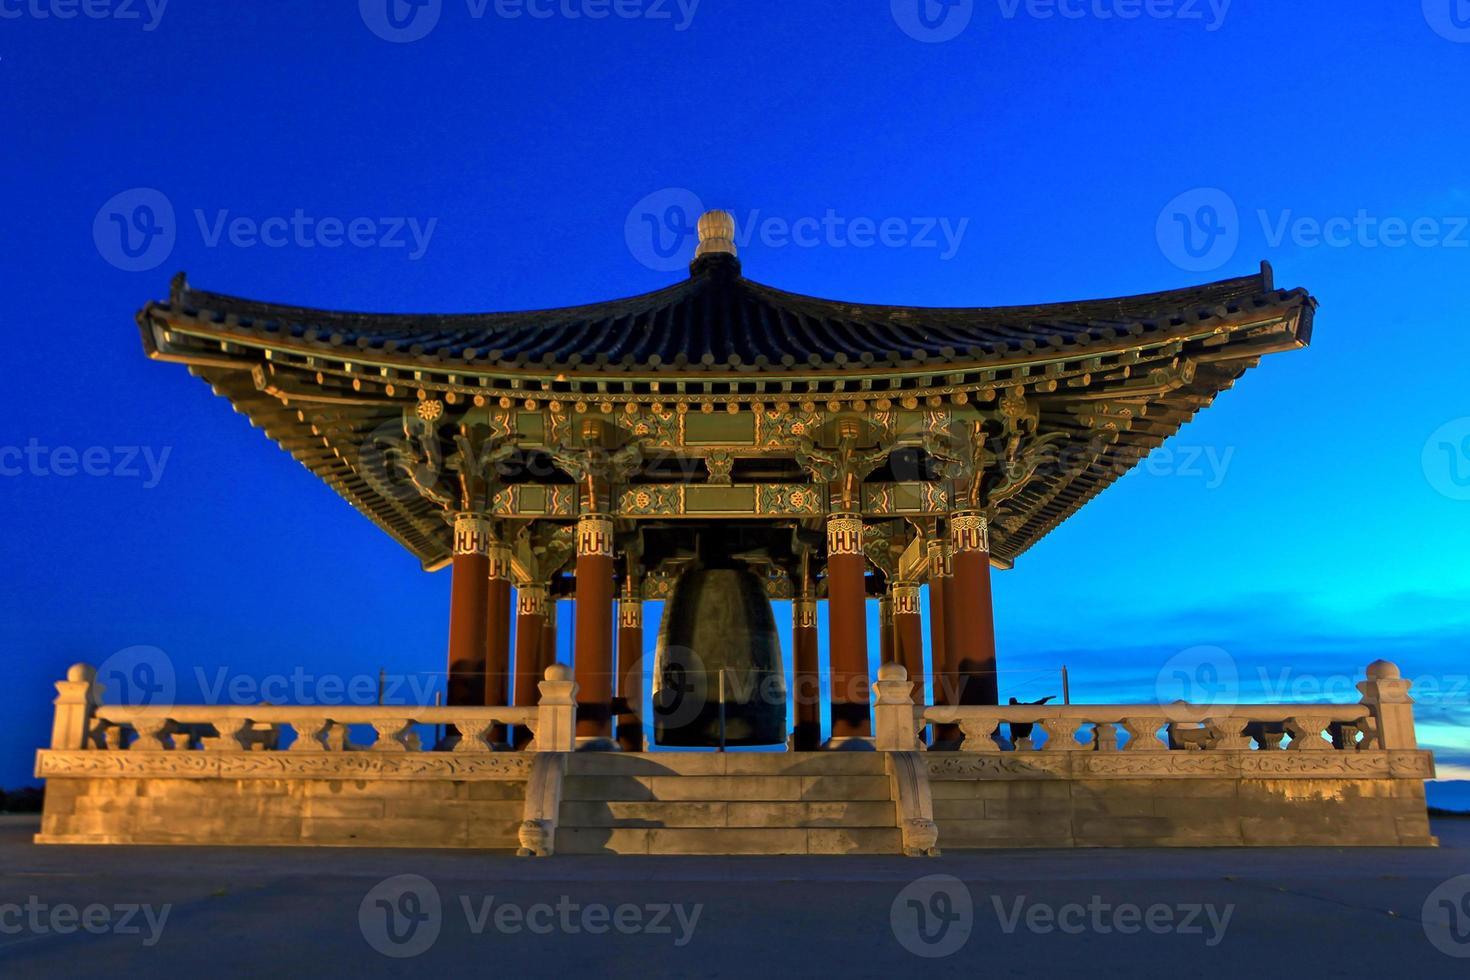 monument touristique cloche de l'amitié coréenne à san pedro, cailfornie photo